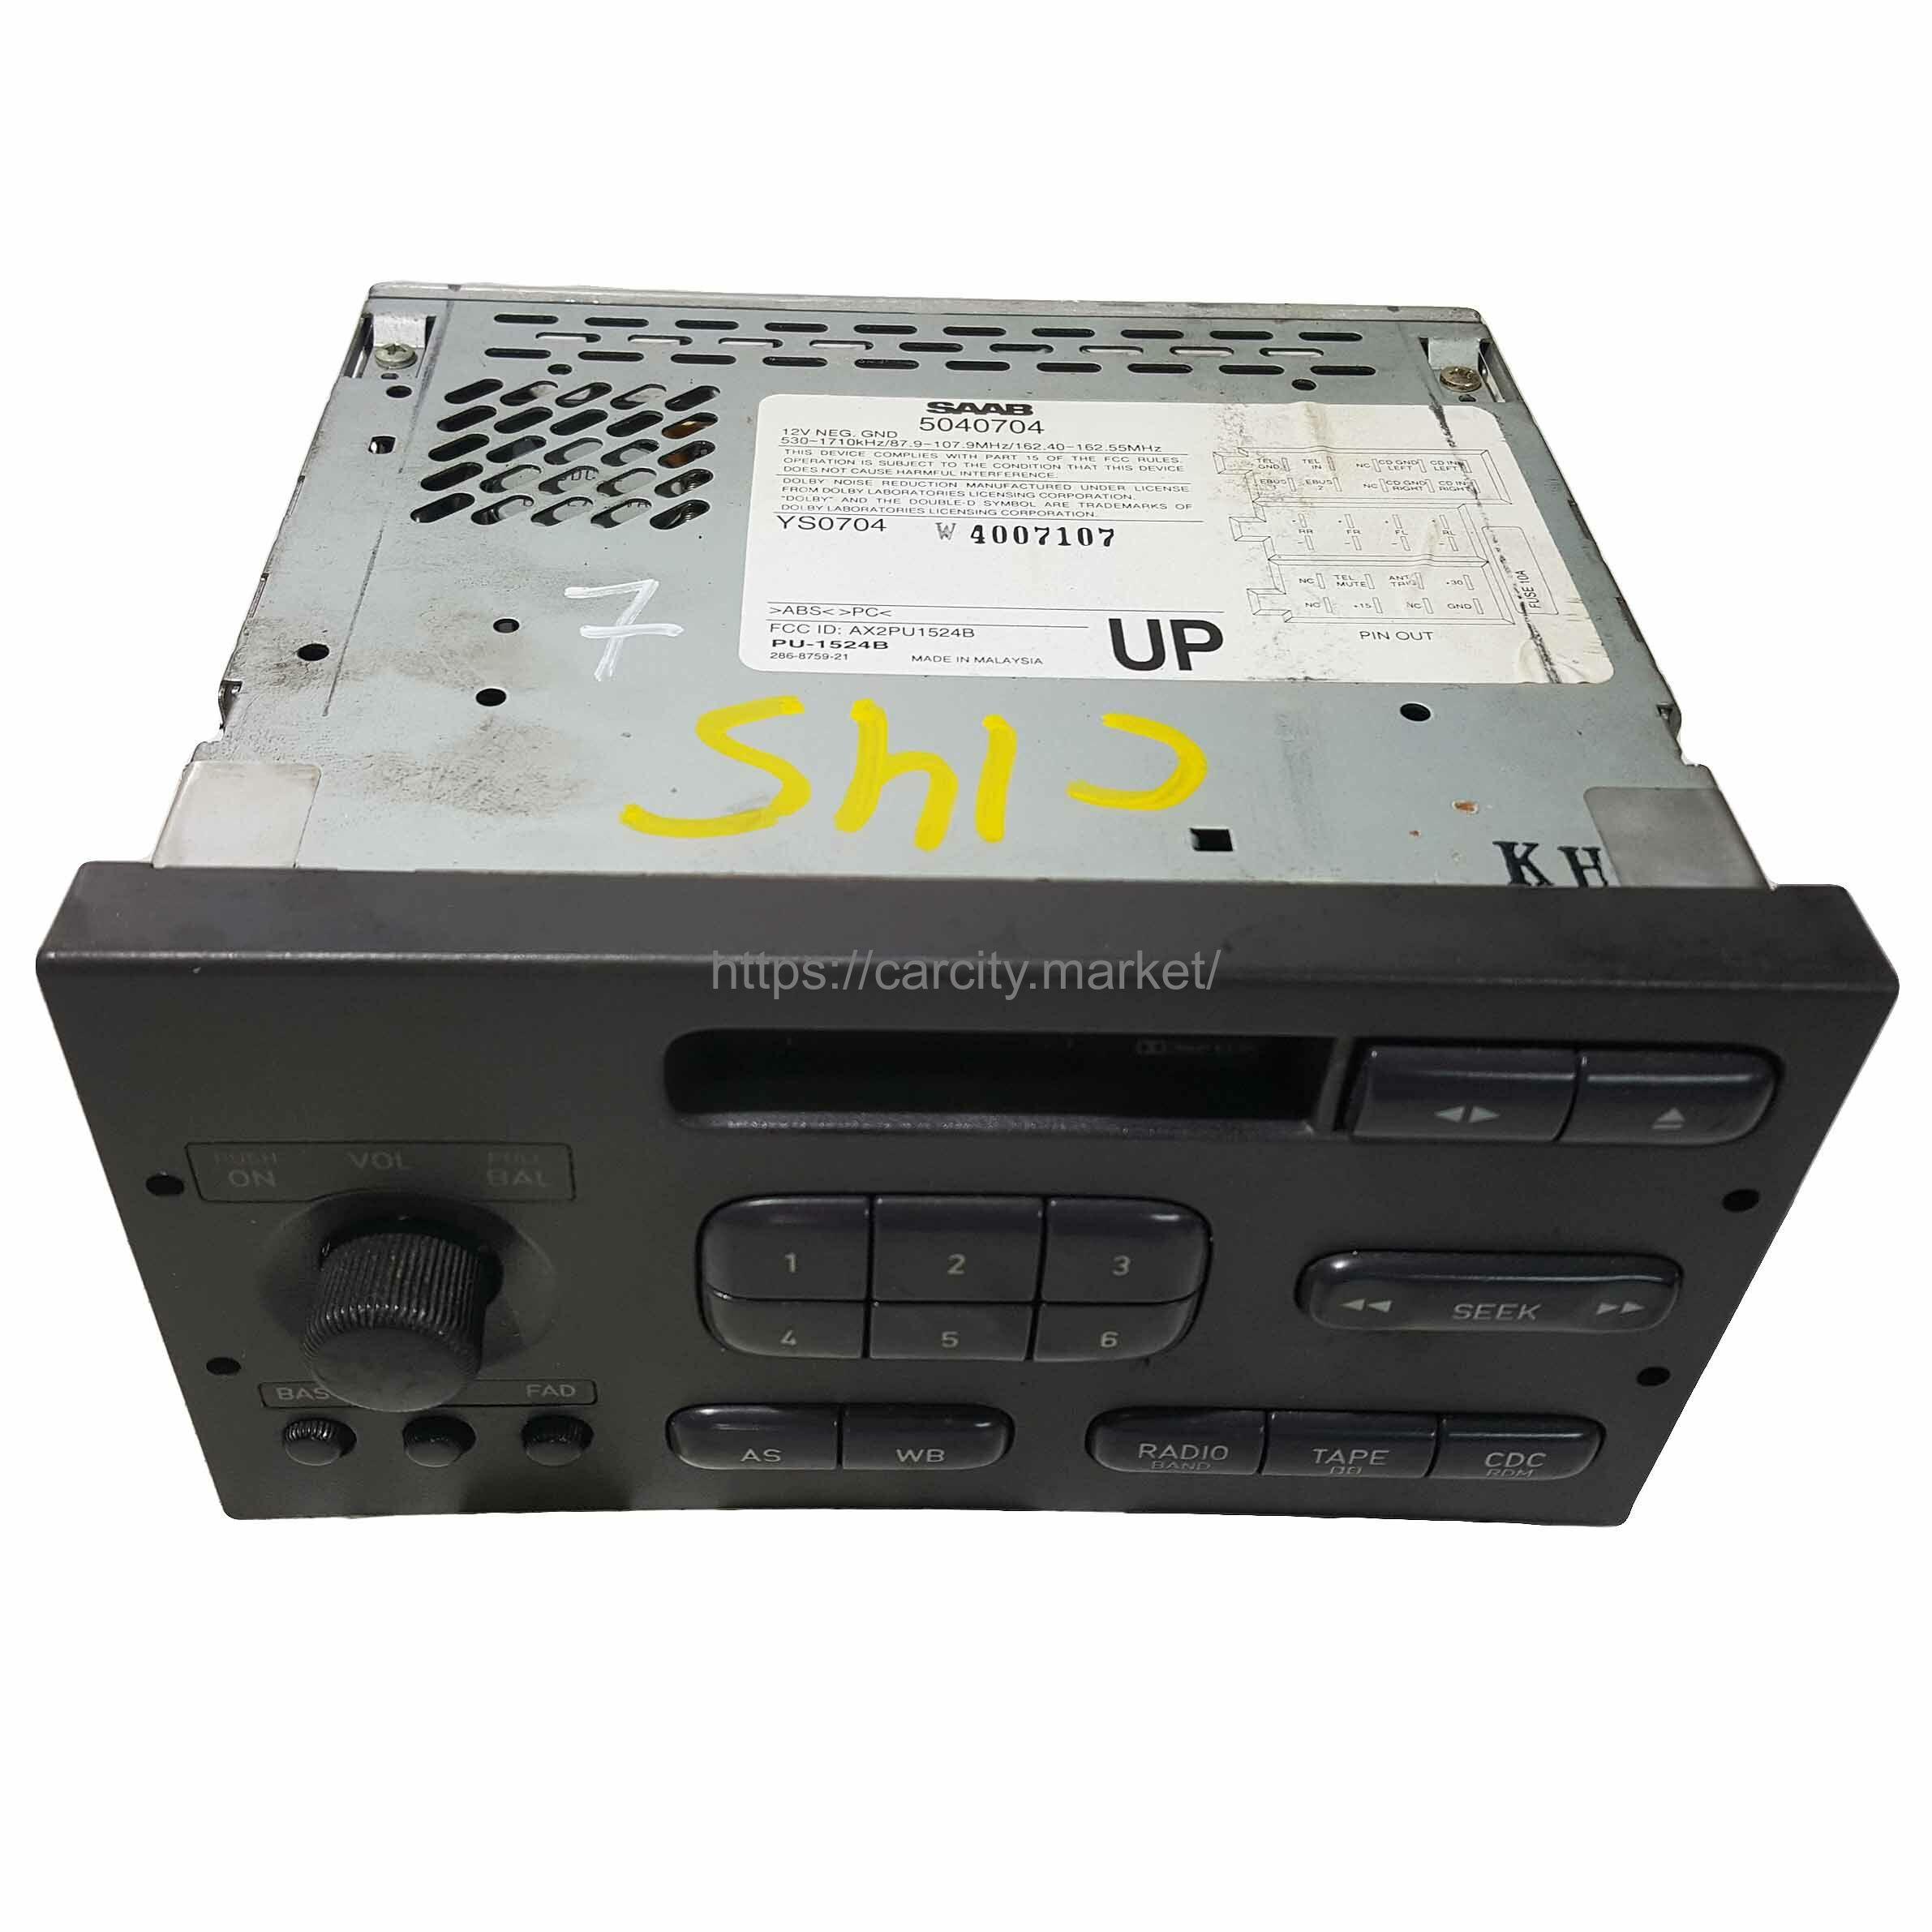 Радио с кассетой SAAB 9-3 1998-2003г купить в Карсти Маркет